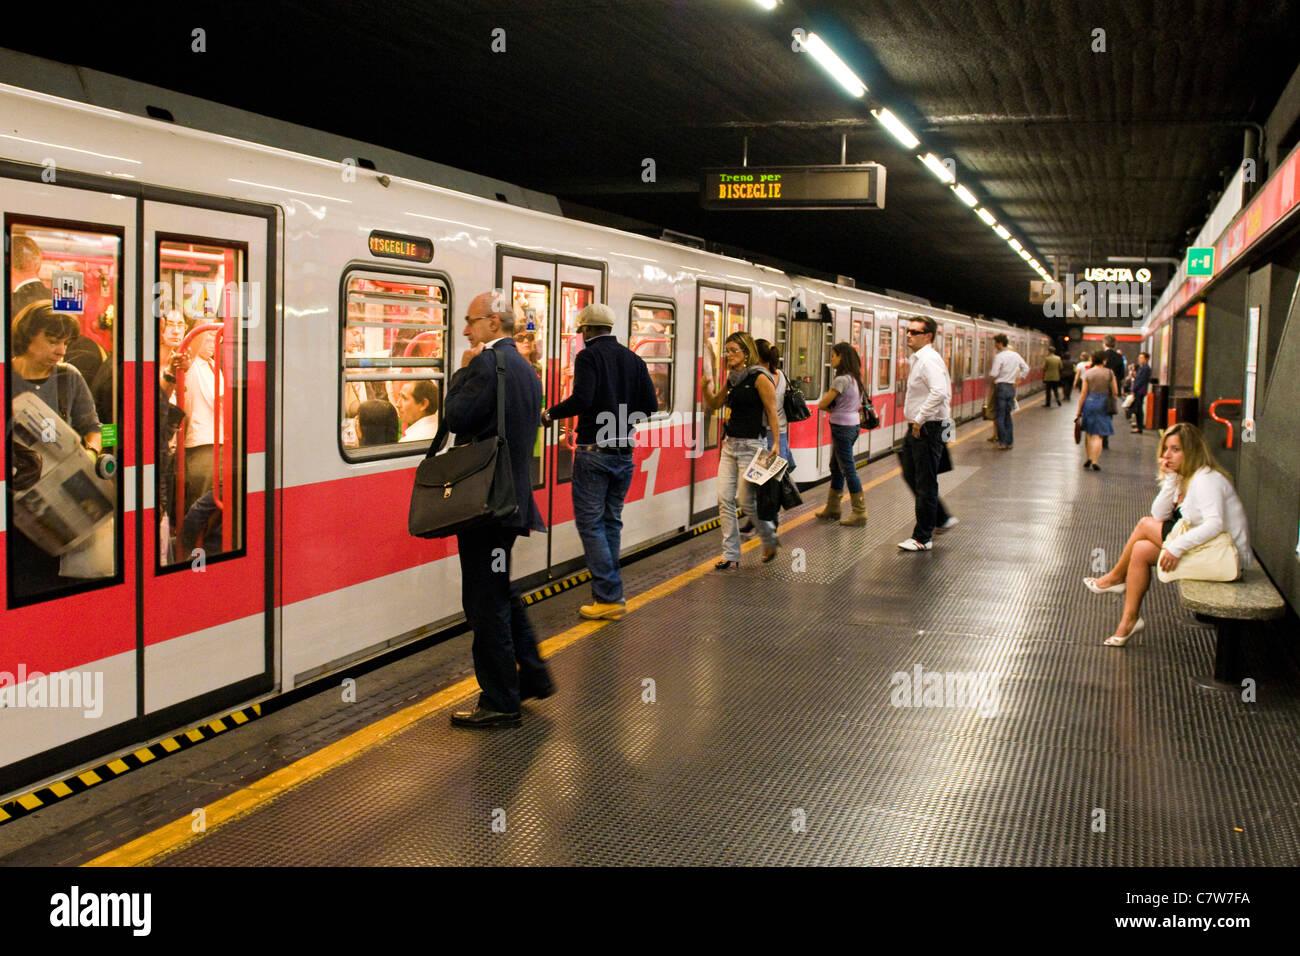 Italy, Lombardy, Milan, subway train Stock Photo, Royalty Free ...